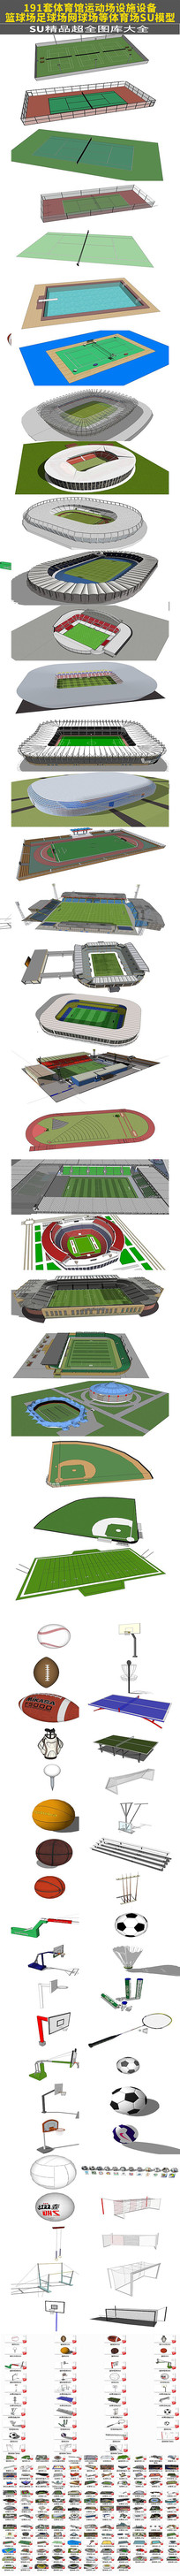 体育馆运动场设施设备篮球场足球场体育场